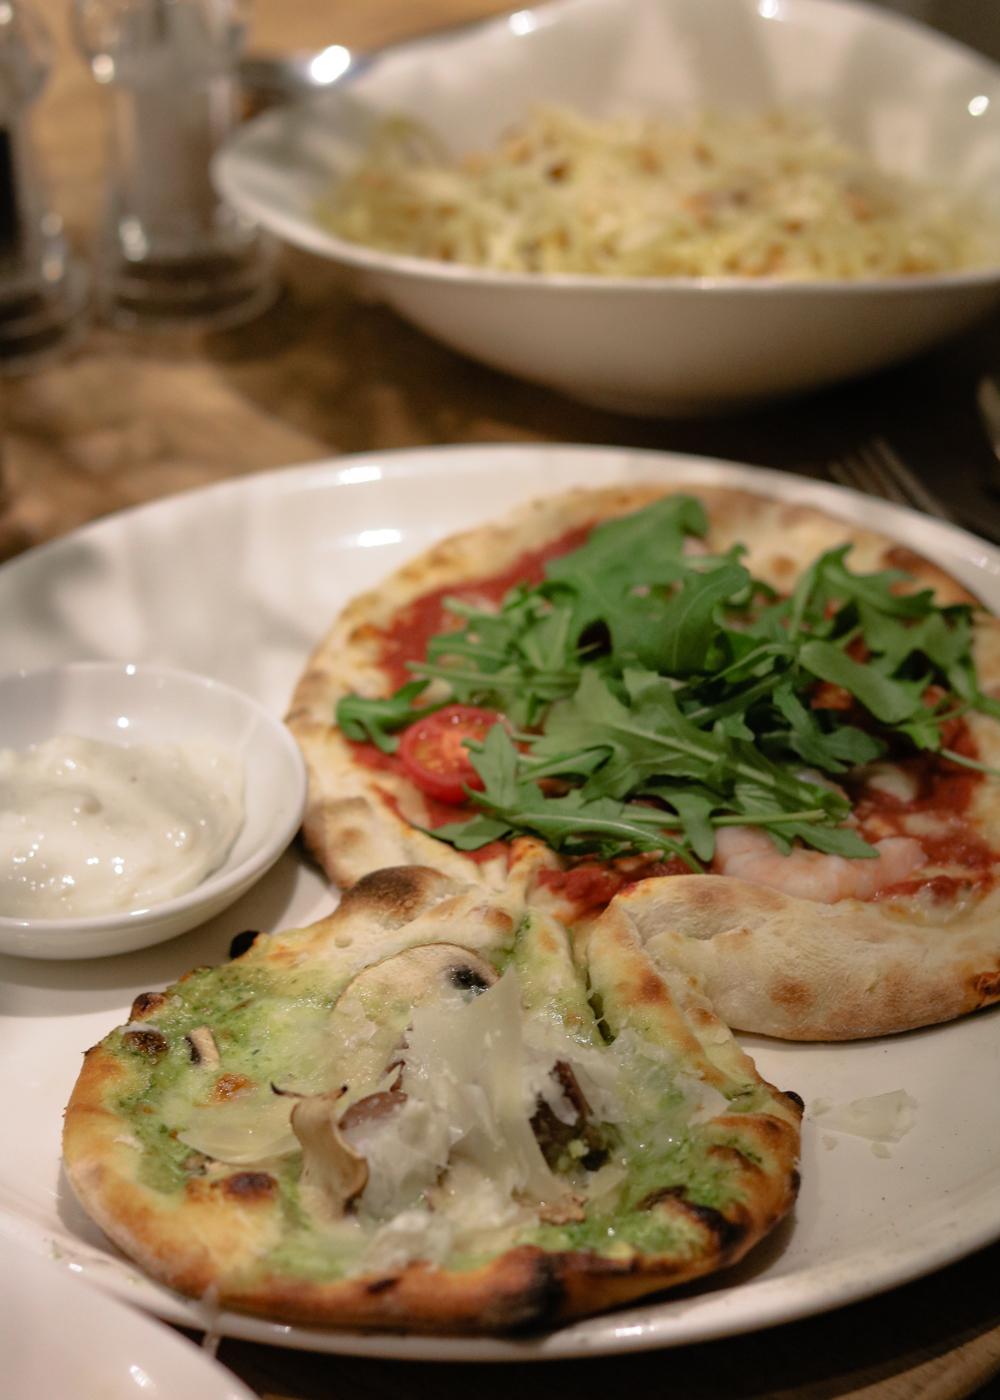 vapiano mannheim essen restaurant italienisch 9 von 15